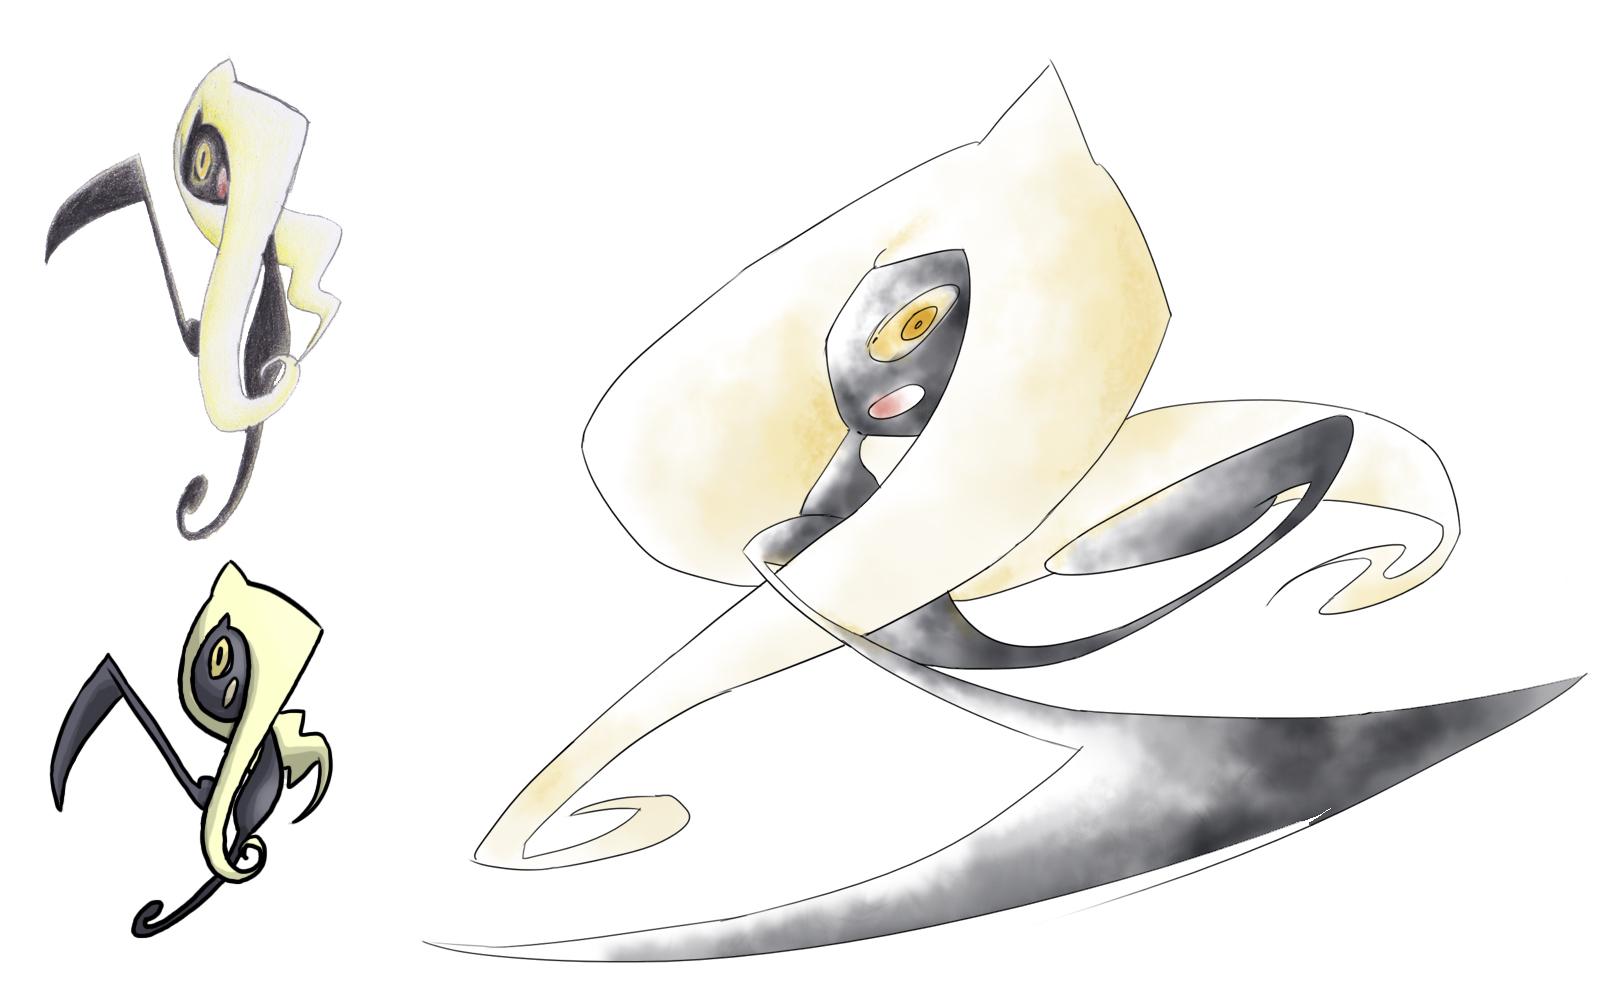 Pokémon-Zeichnung: Ladidark - Geschichte eines Fakemon